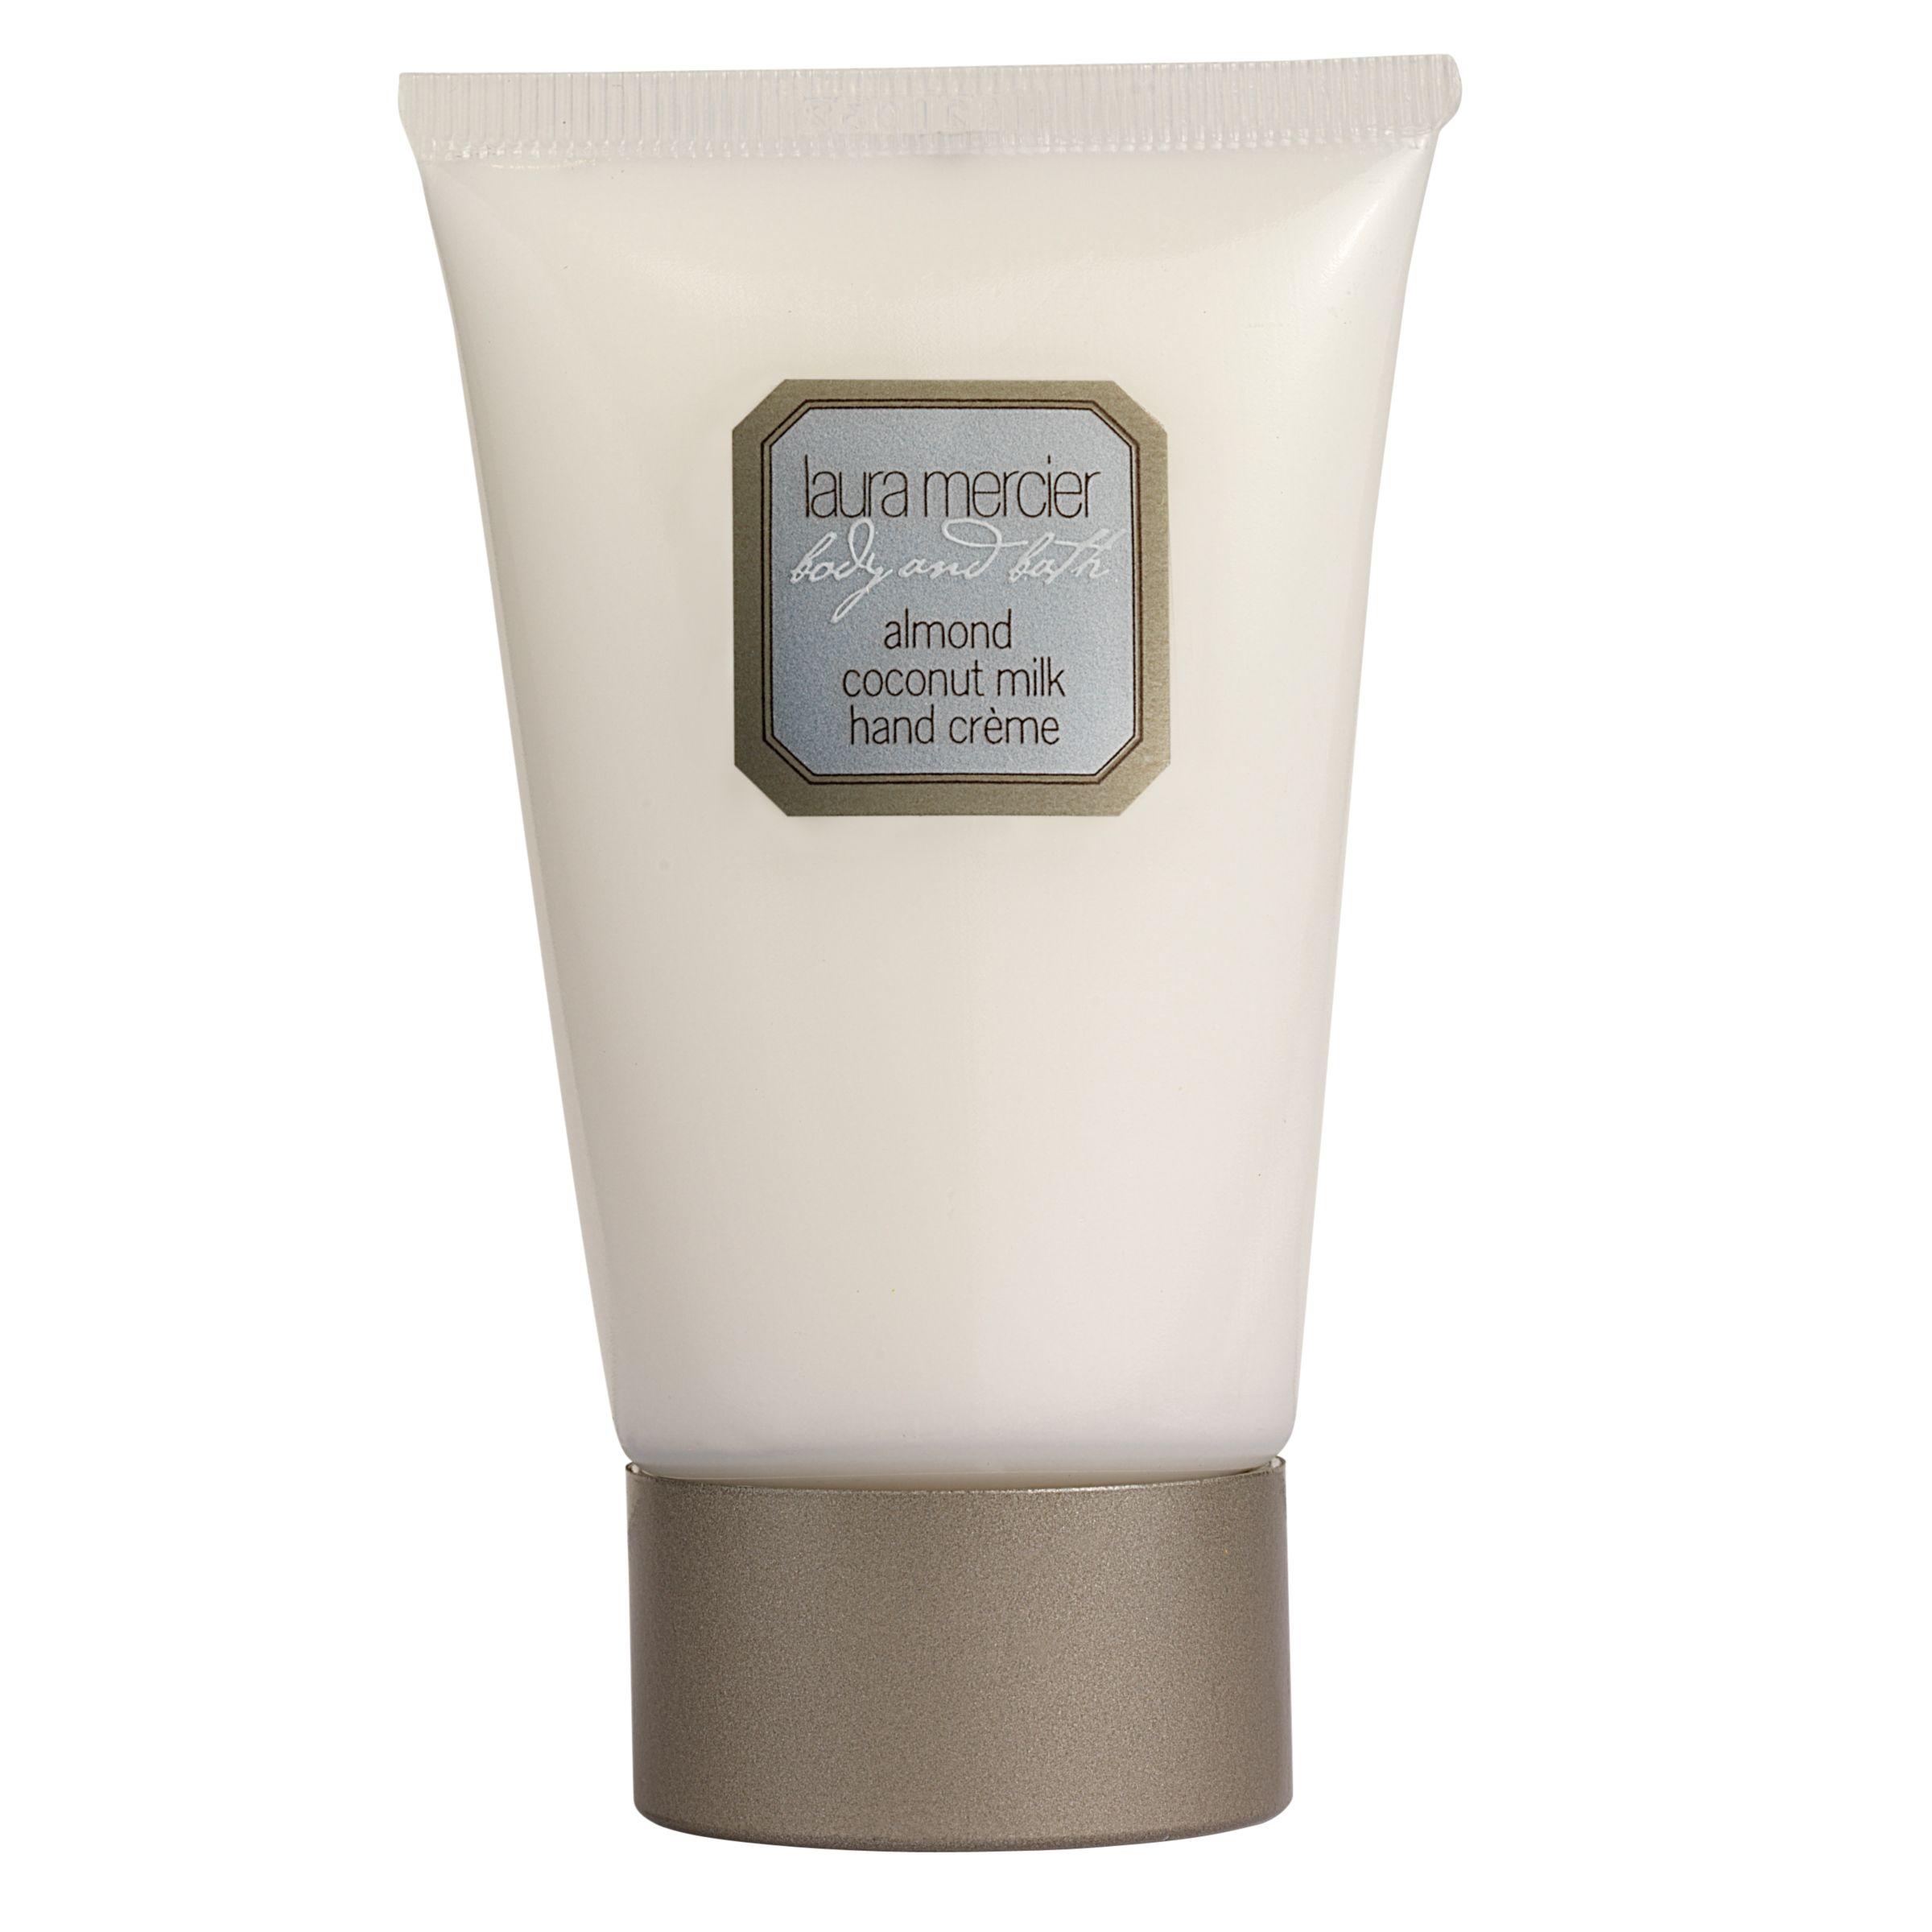 Laura Mercier Laura Mercier Almond Coconut Milk Hand Crème, 50g